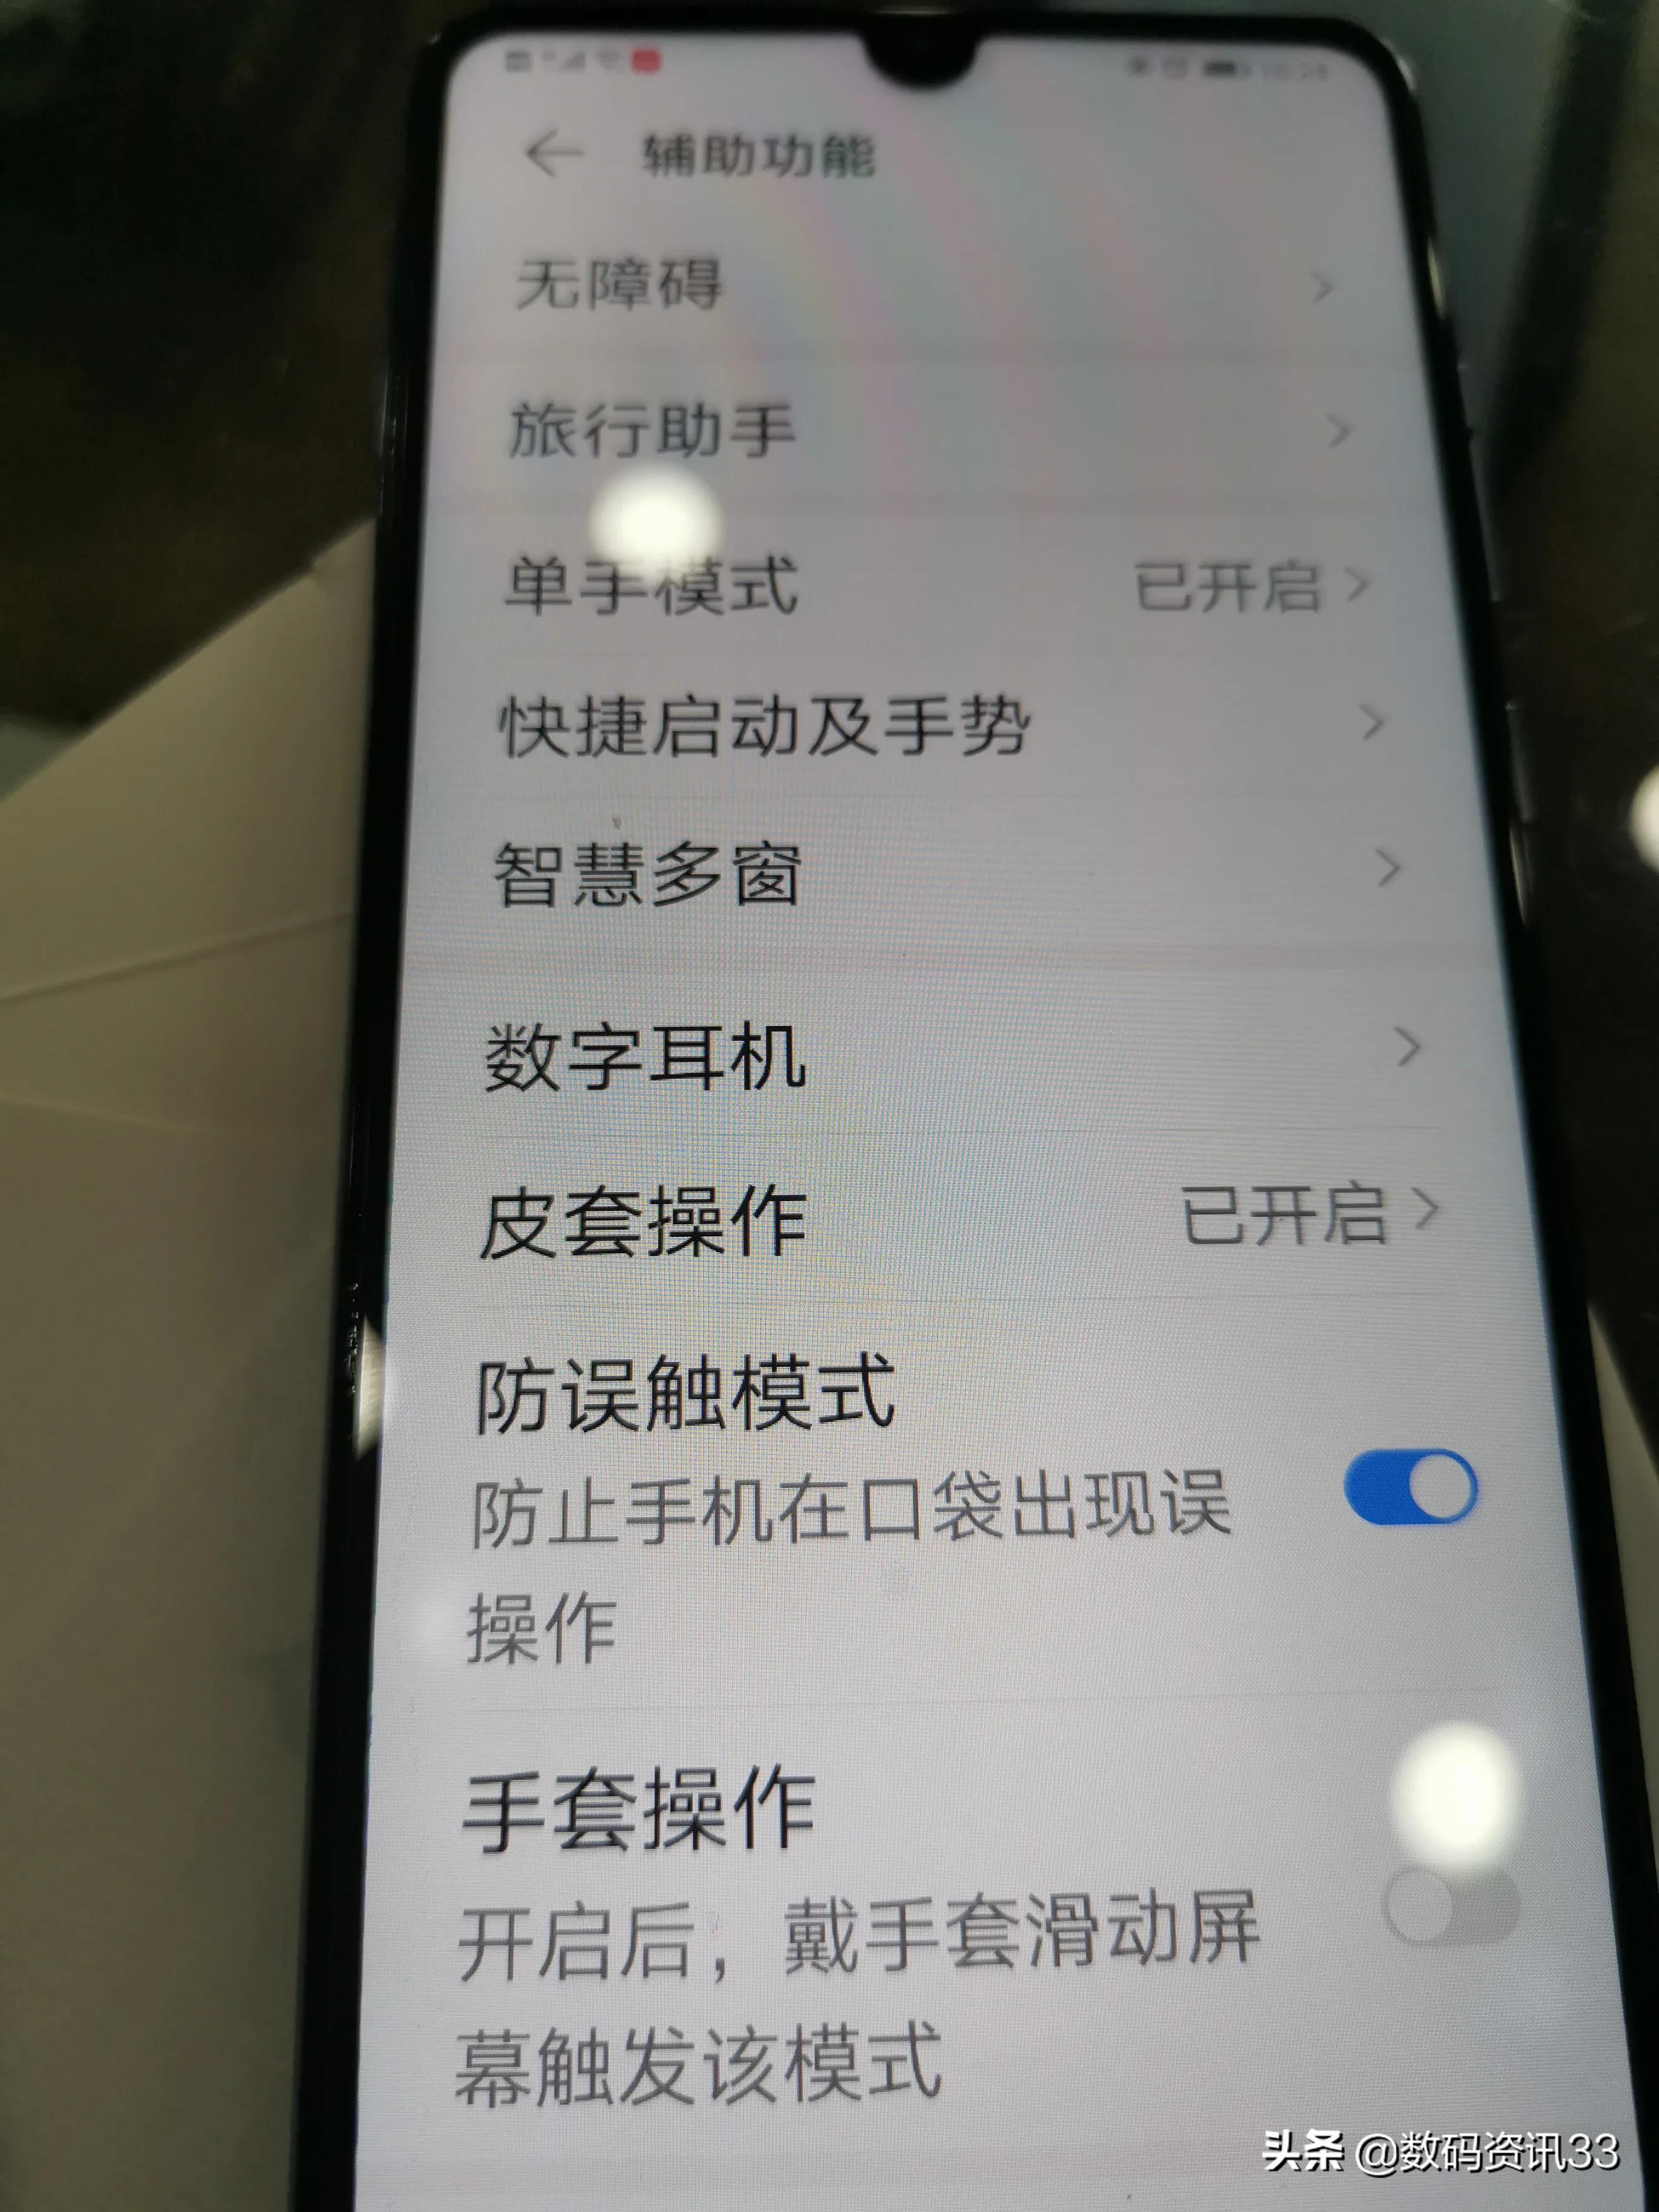 华为手机防误触模式怎么关闭(防误触是打开好还是关闭好)